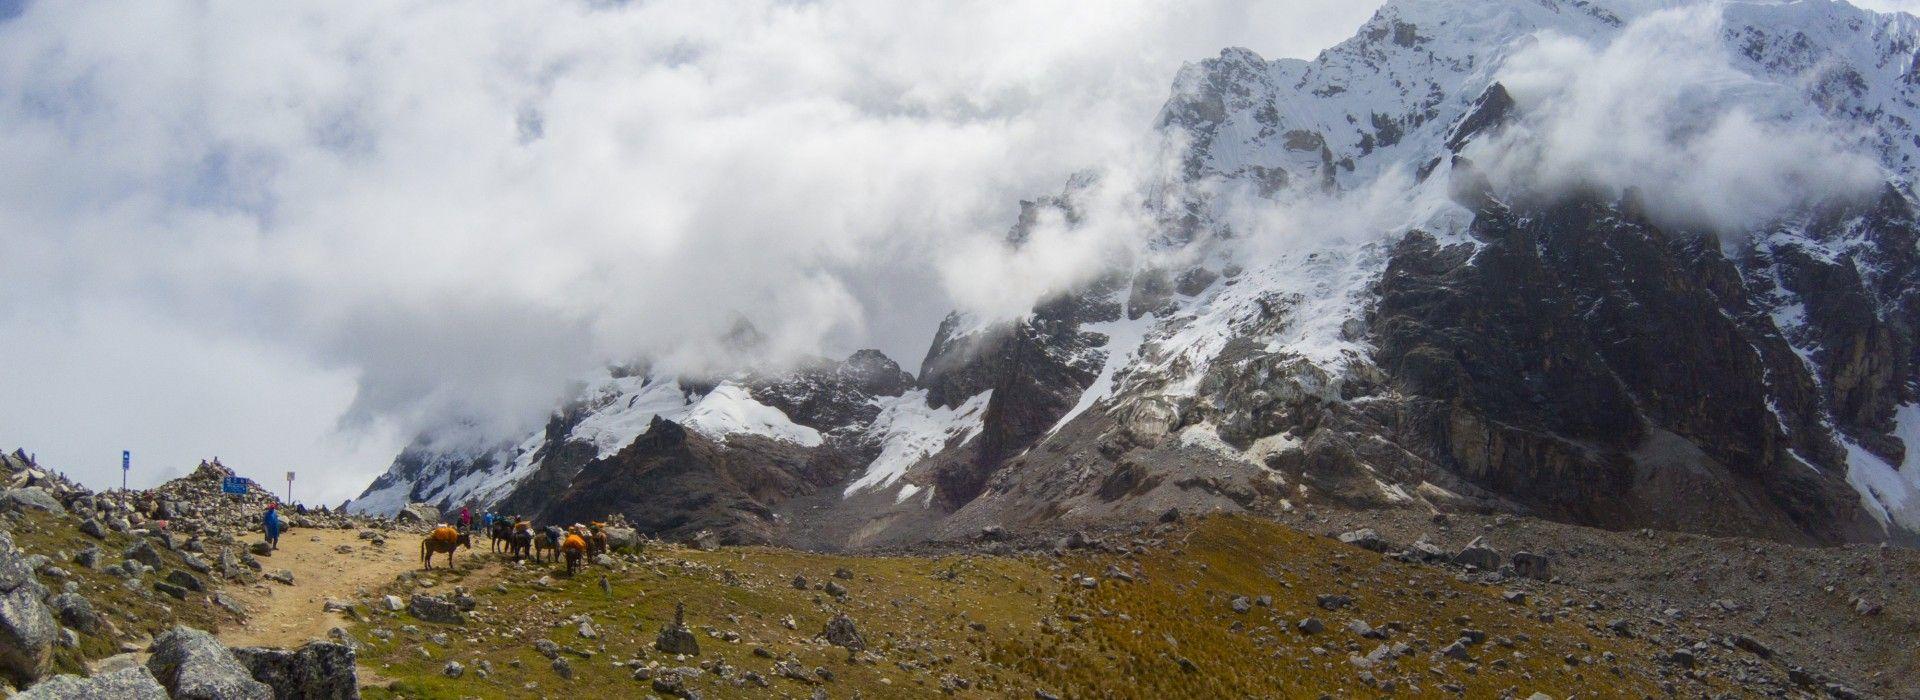 Mountain biking Tours in South America